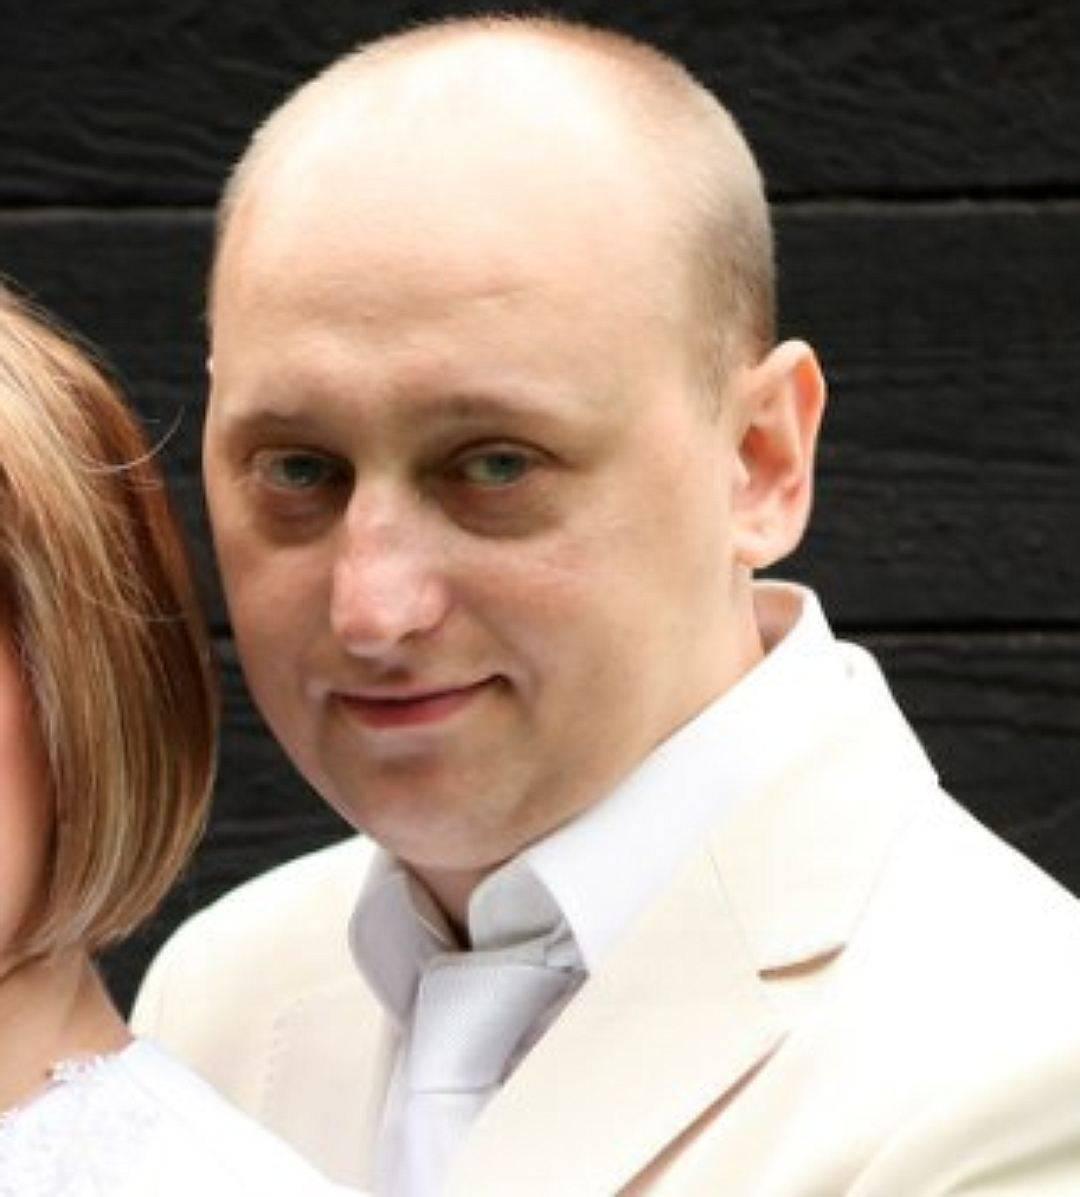 Чтобы вернуть молодую любовницу, московский бизнесмен дважды заказал убийство ее жениха